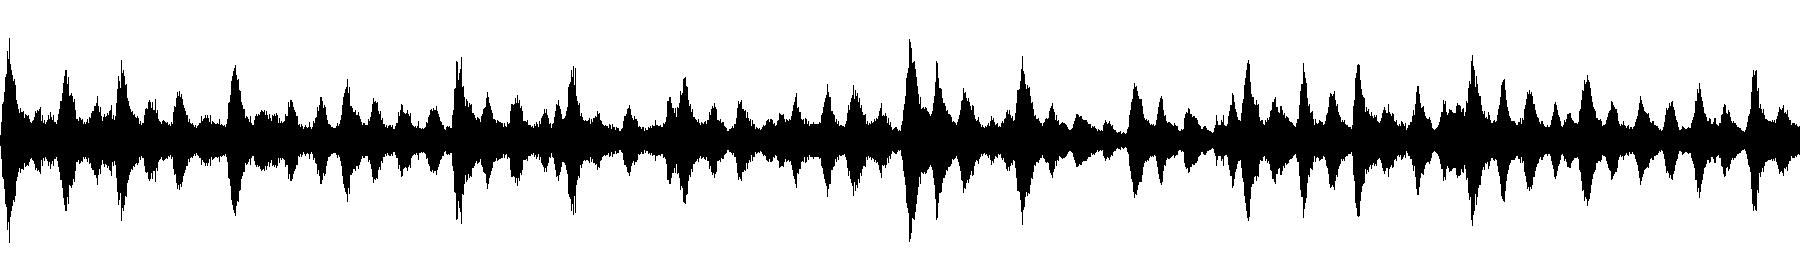 melody 04bpm100keyc